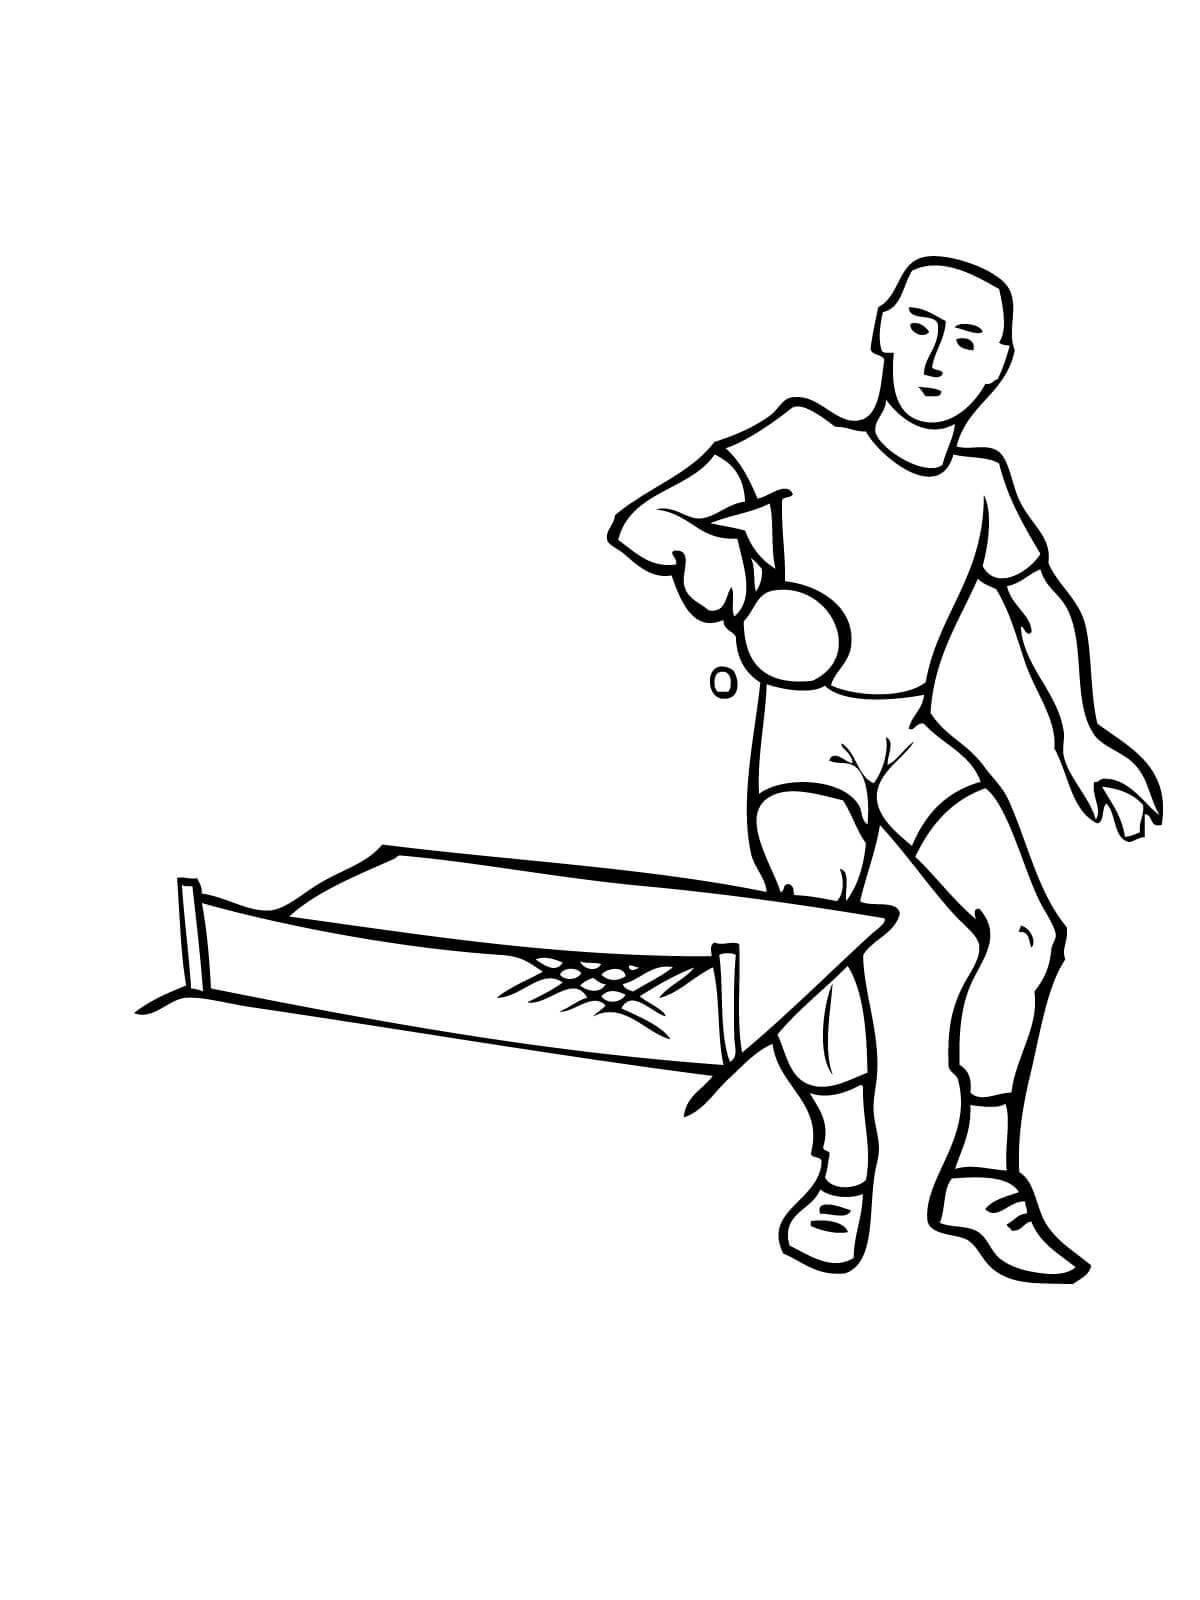 Настольный теннис, стол, ракетка Раскраски для мальчиков